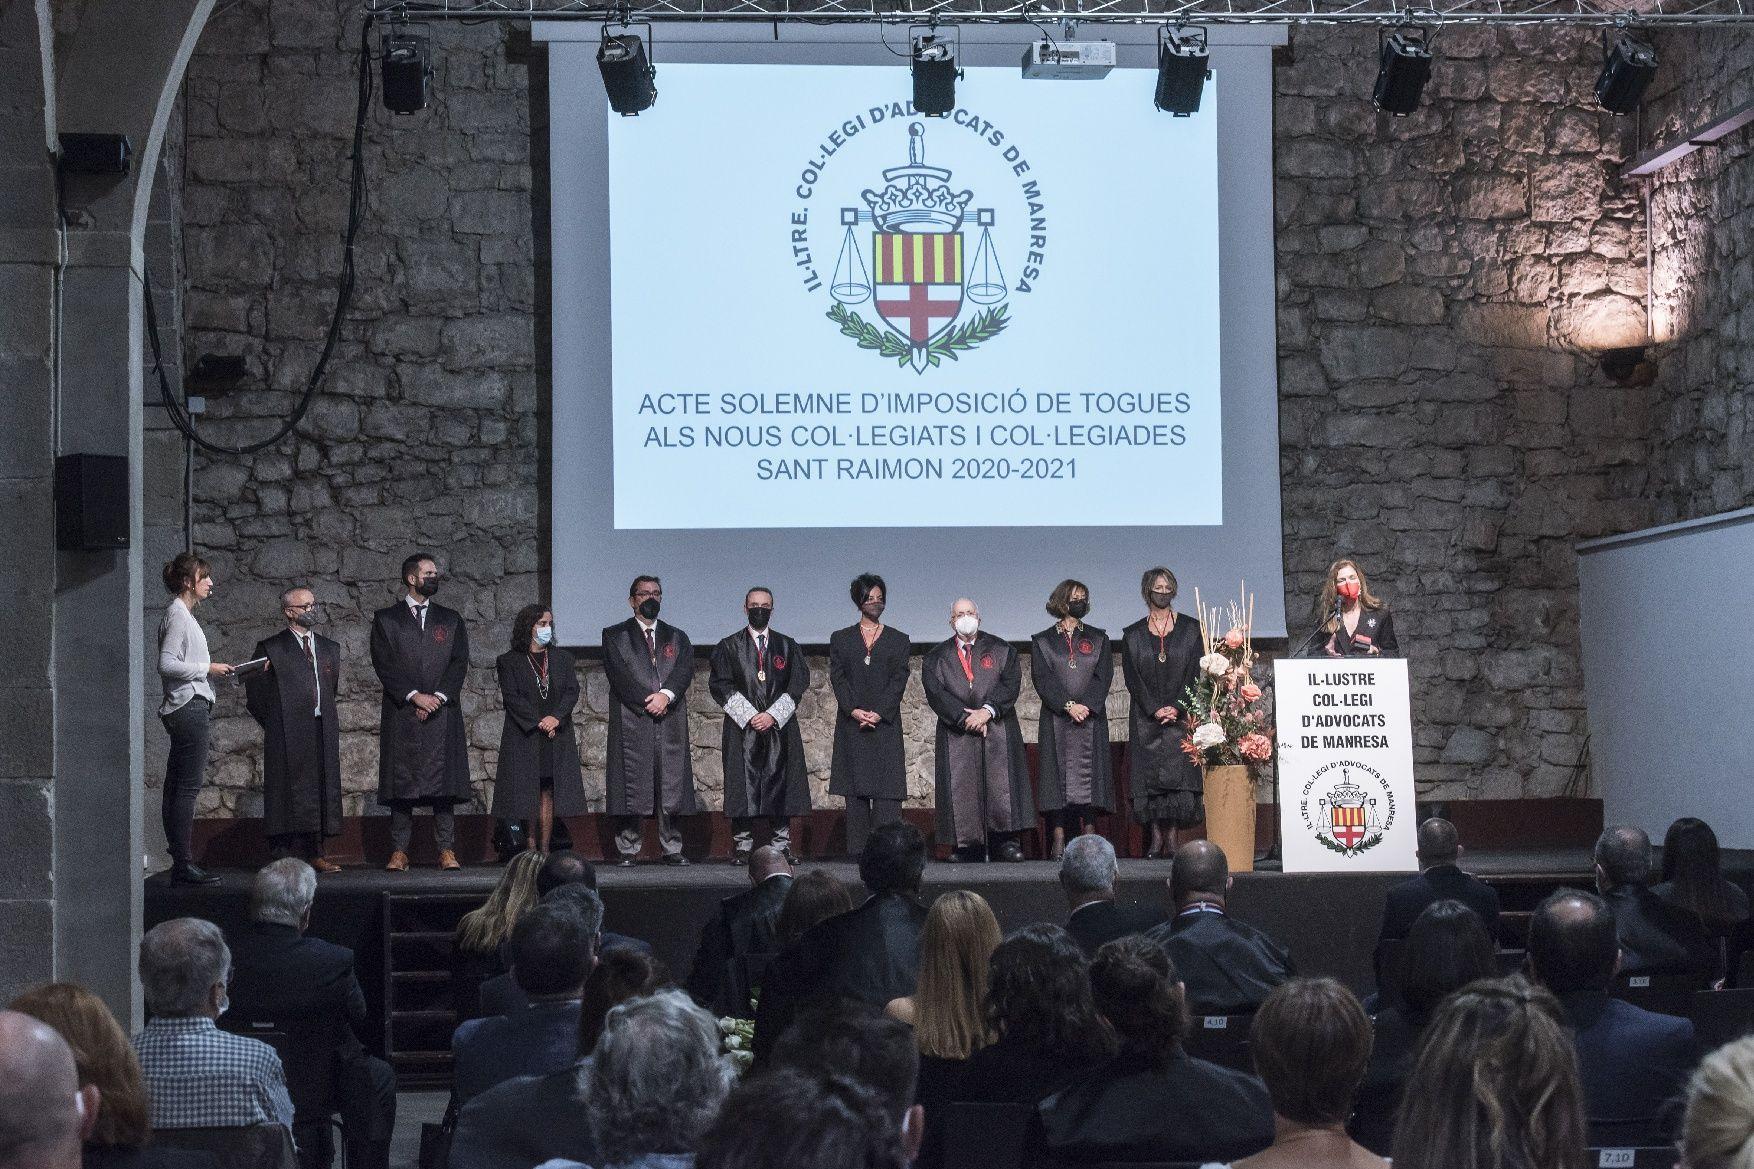 Acte solemne d'imposició de togues del Col·legi d'Advocats de Manresa